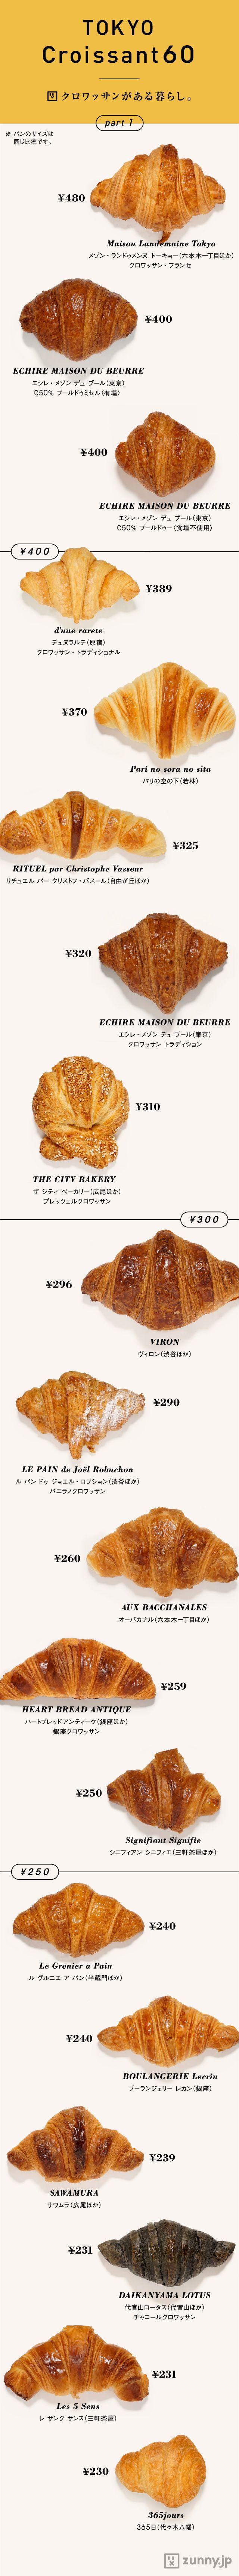 最高の「サクッ」を求めて…東京美味クロワッサン   ZUNNY インフォグラフィック・ニュース